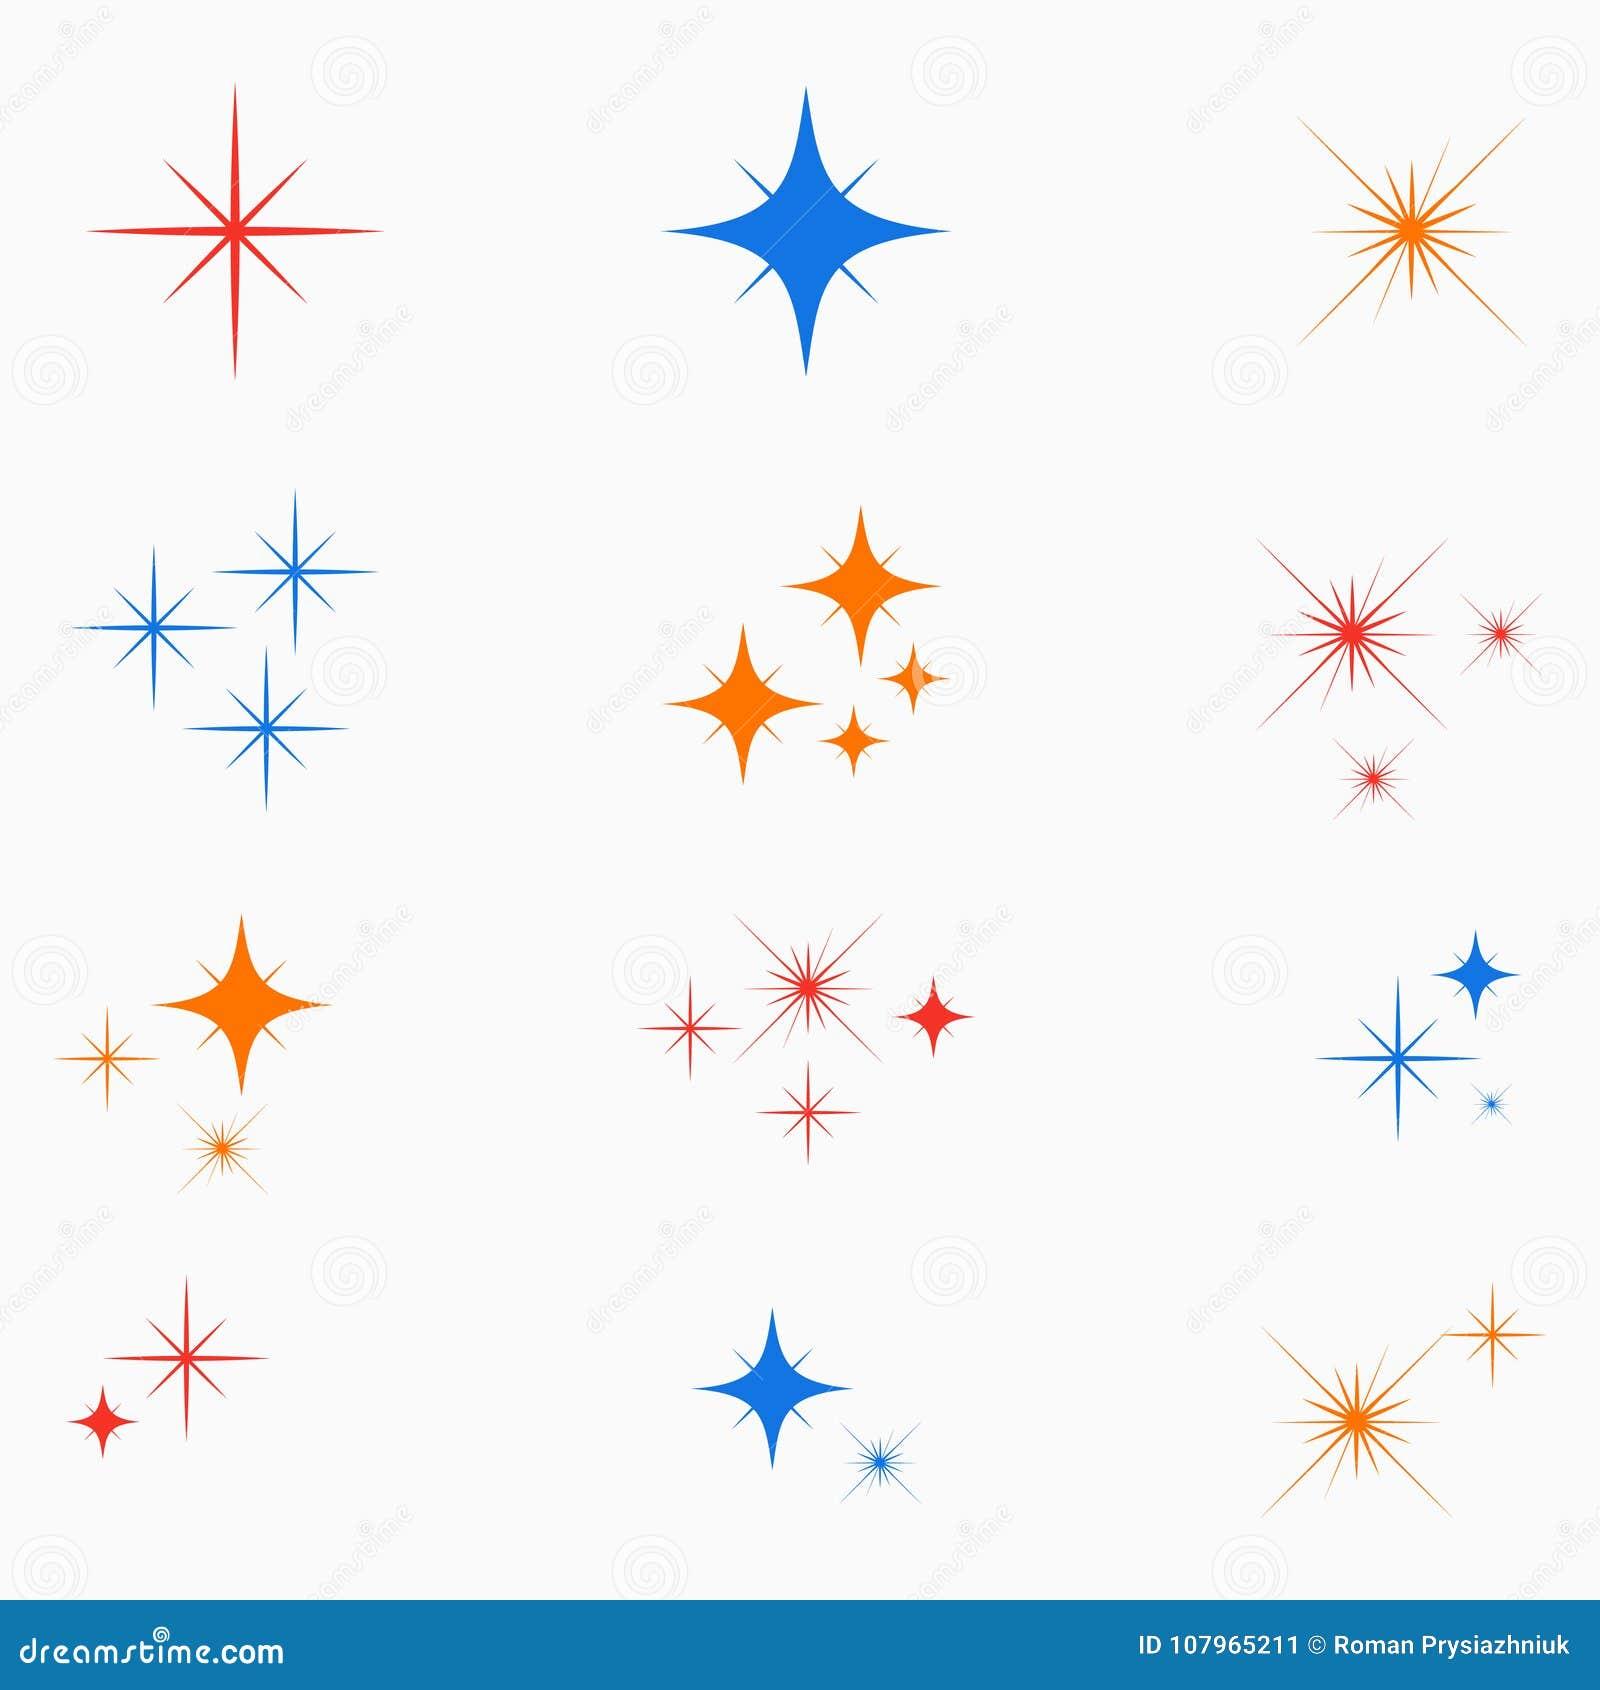 Αστέρια σπινθηρίσματος Σύνολο καμμένος σημαδιού ελαφριάς επίδρασης χρώματος Εικονίδιο λάμψεων starburst διάνυσμα